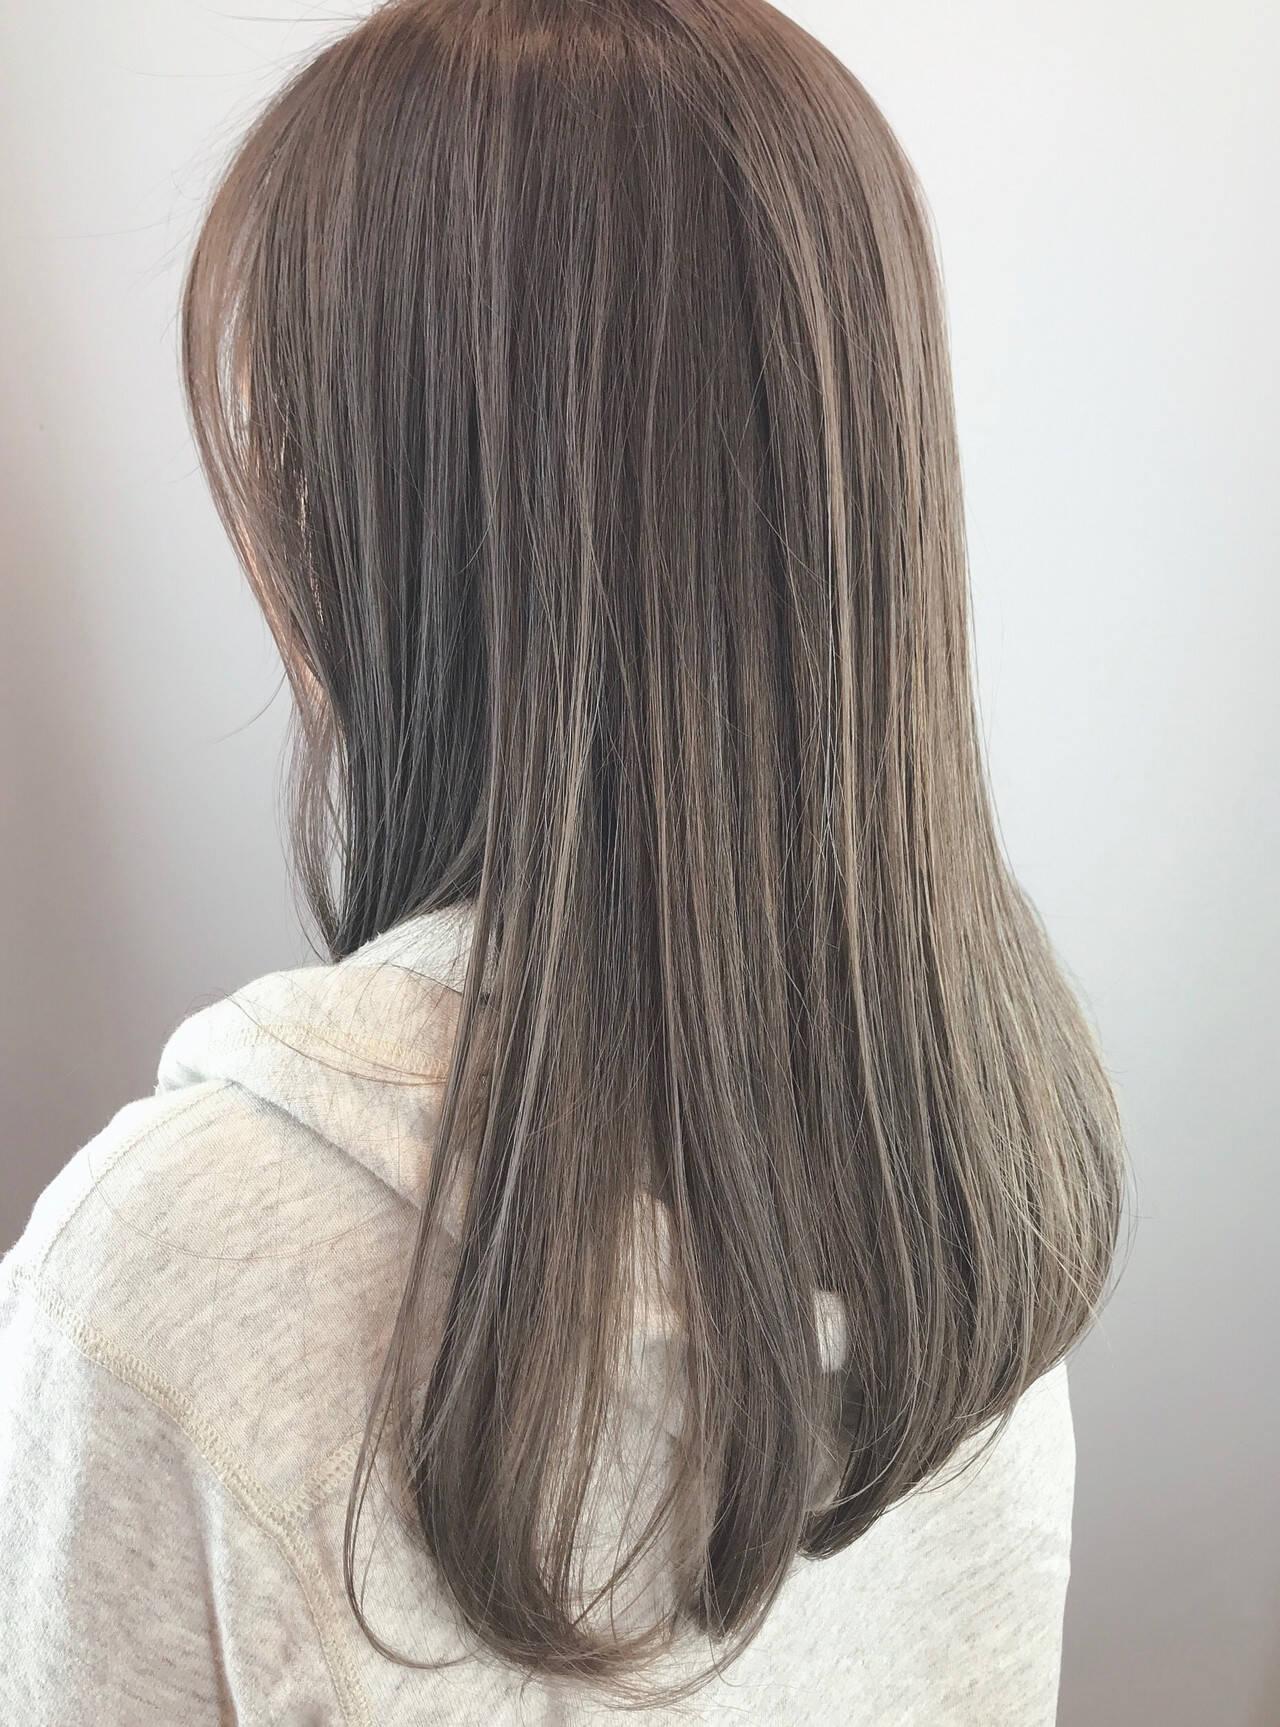 アッシュグレー ストレート ストリート 大人ハイライトヘアスタイルや髪型の写真・画像